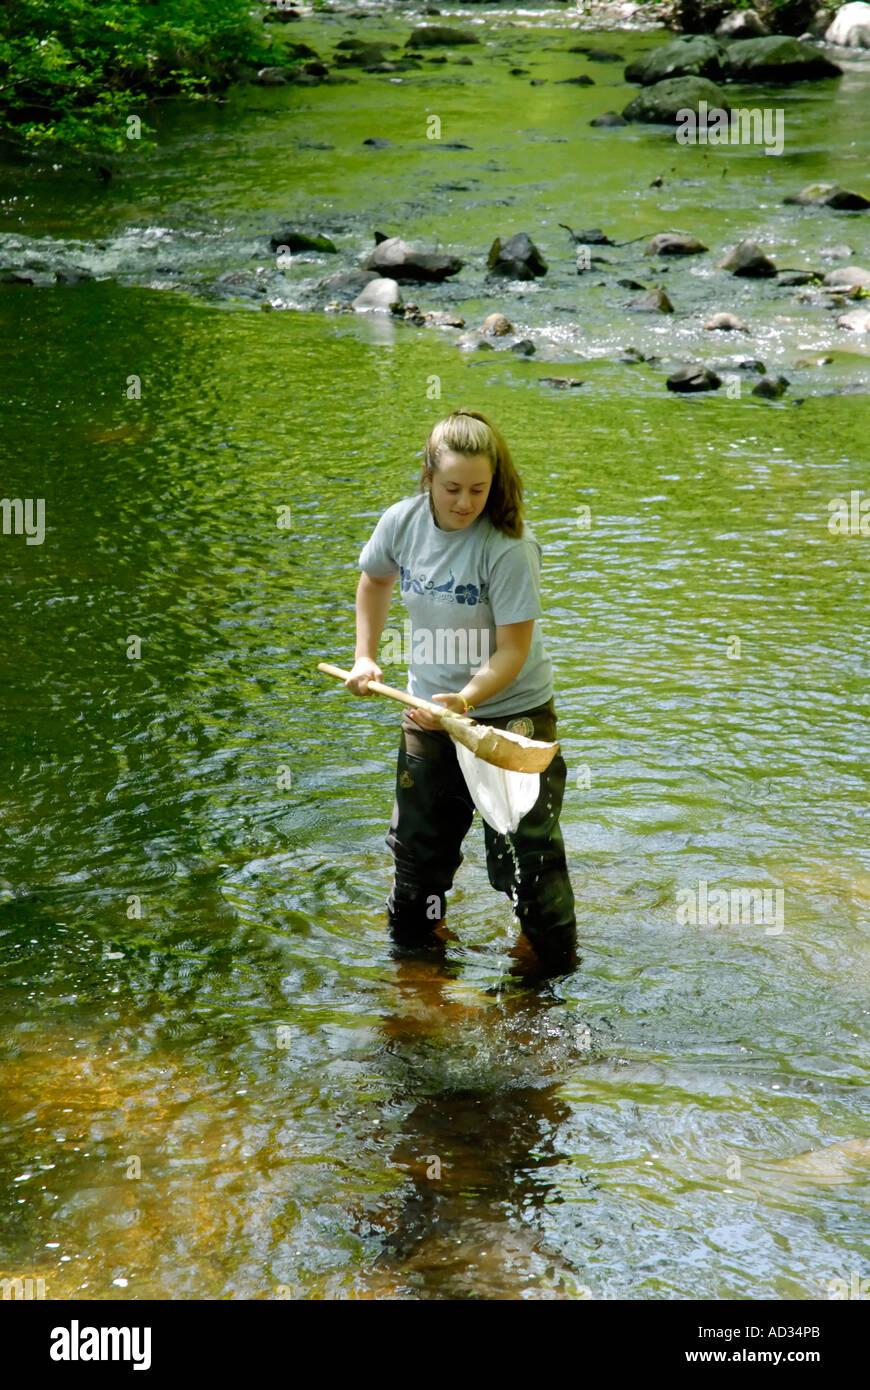 Adolescente en utilisant l'eau de la rivière d'échantillonnage net pour les poissons et invertébrés d'indicateurs biologiques de la qualité de l'eau Photo Stock